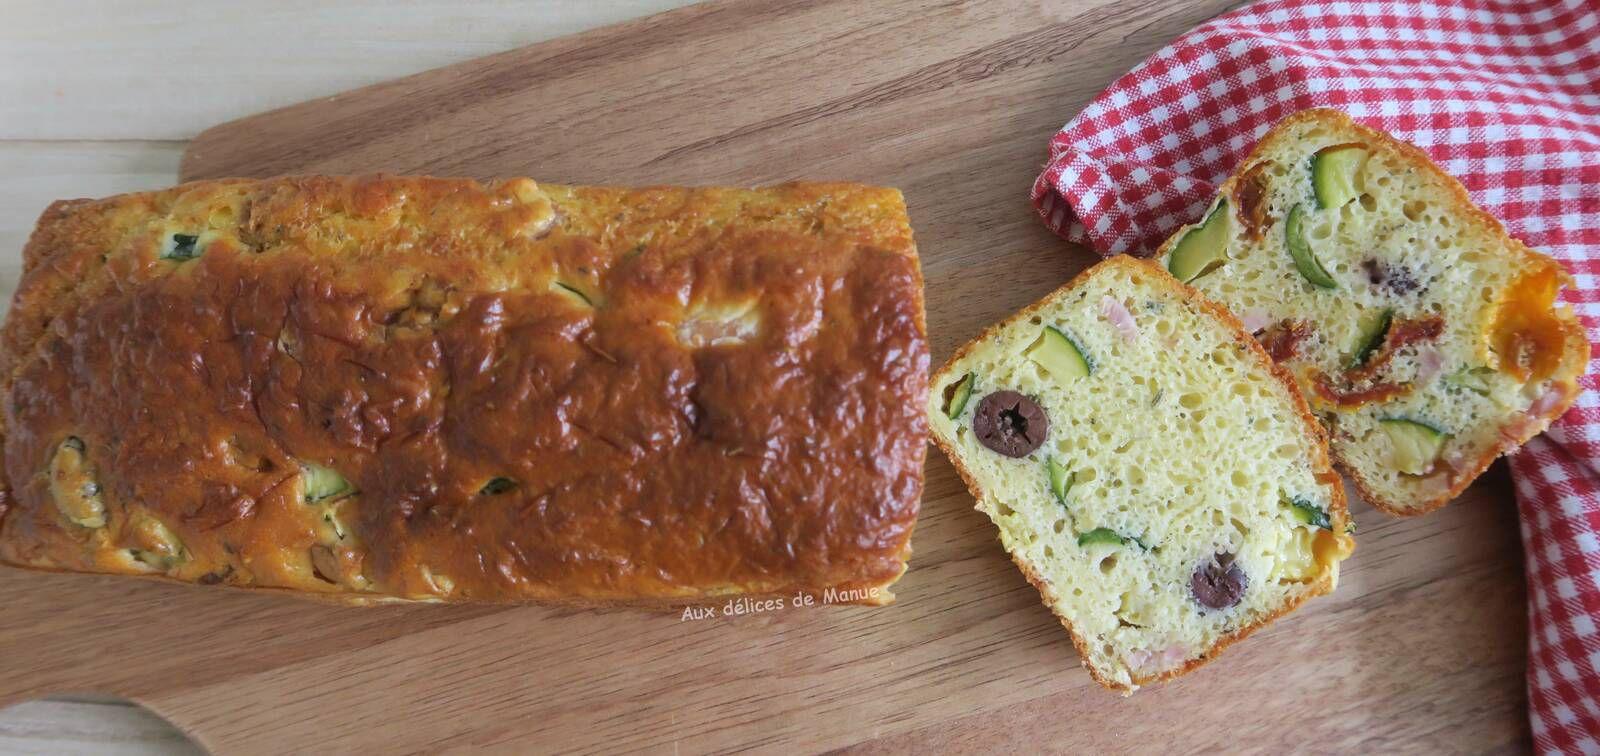 Cake à la courgette, tomates séchées, rôti de porc, olives et emmental